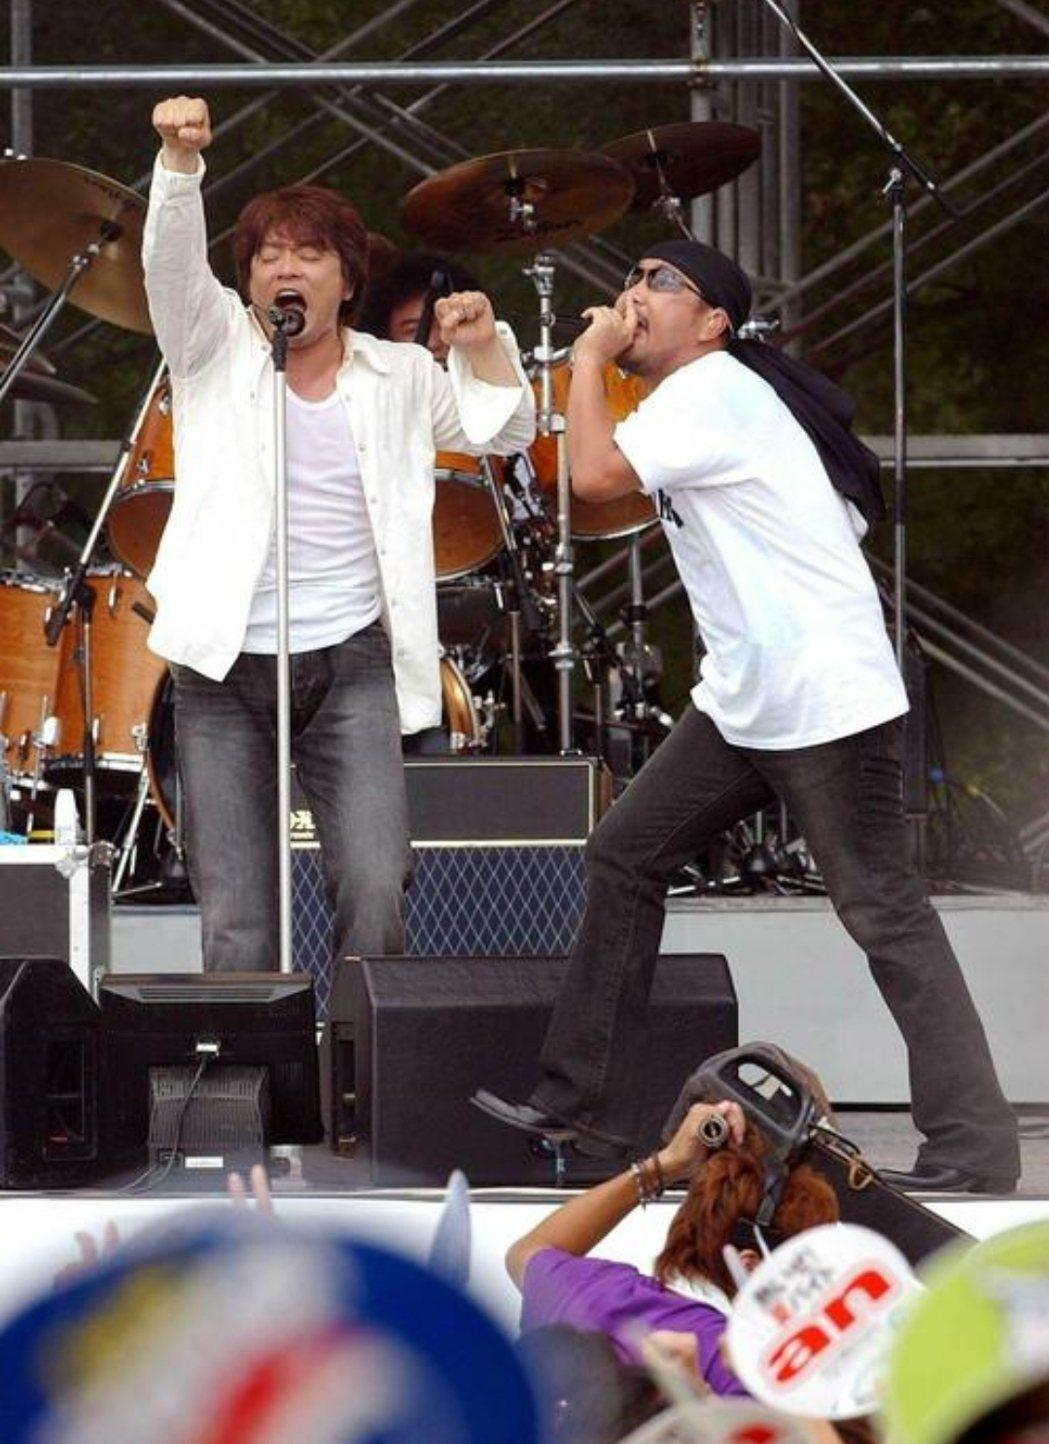 恰克與飛鳥是日本樂壇的經典組合。圖/摘自日刊體育 李姿瑩